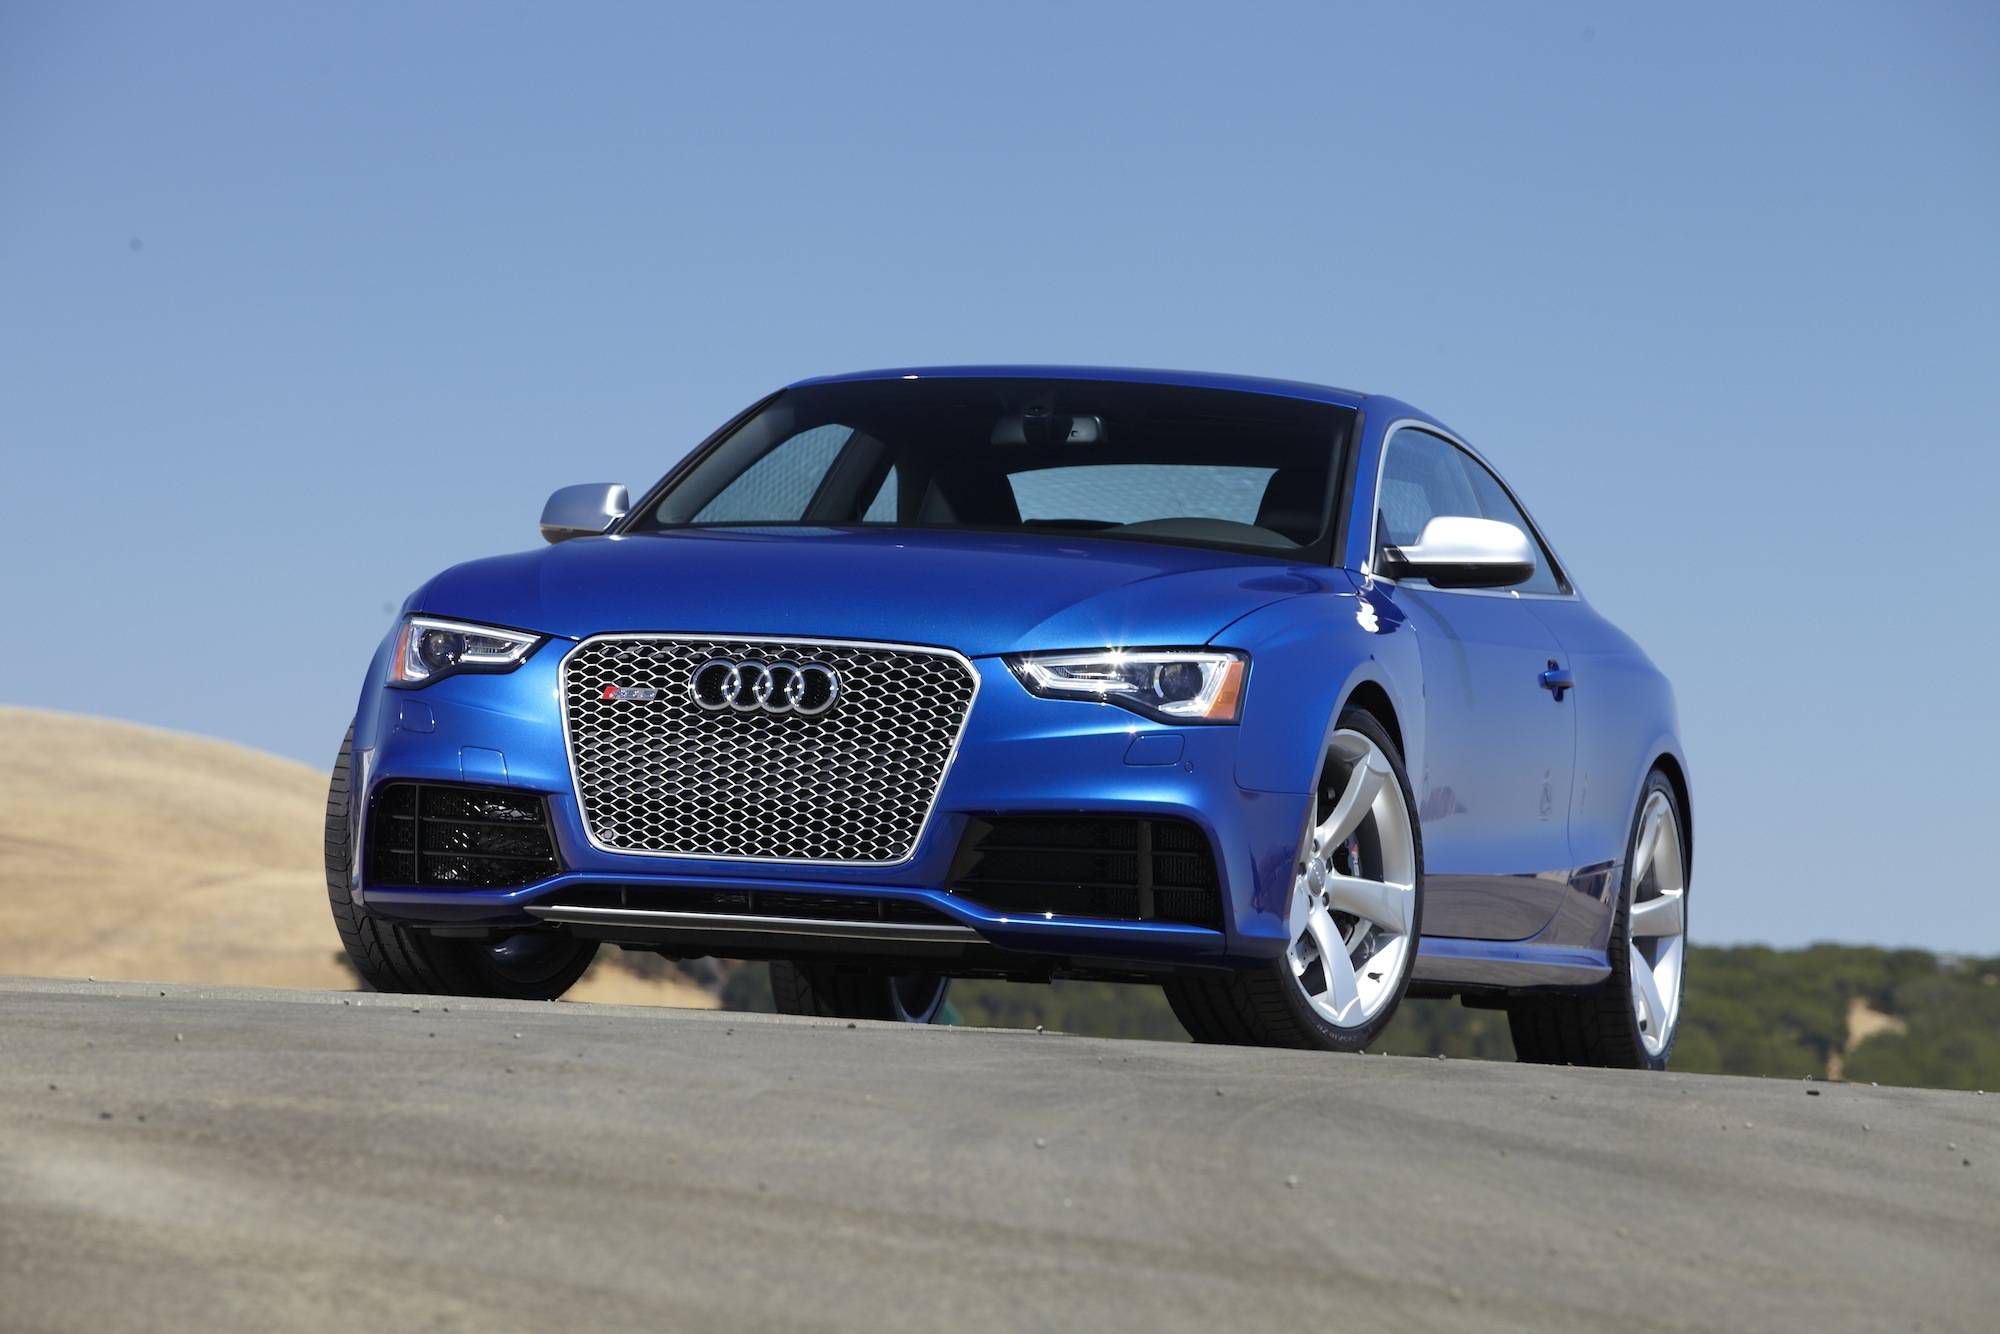 Kelebihan Kekurangan Audi Rs5 2013 Tangguh